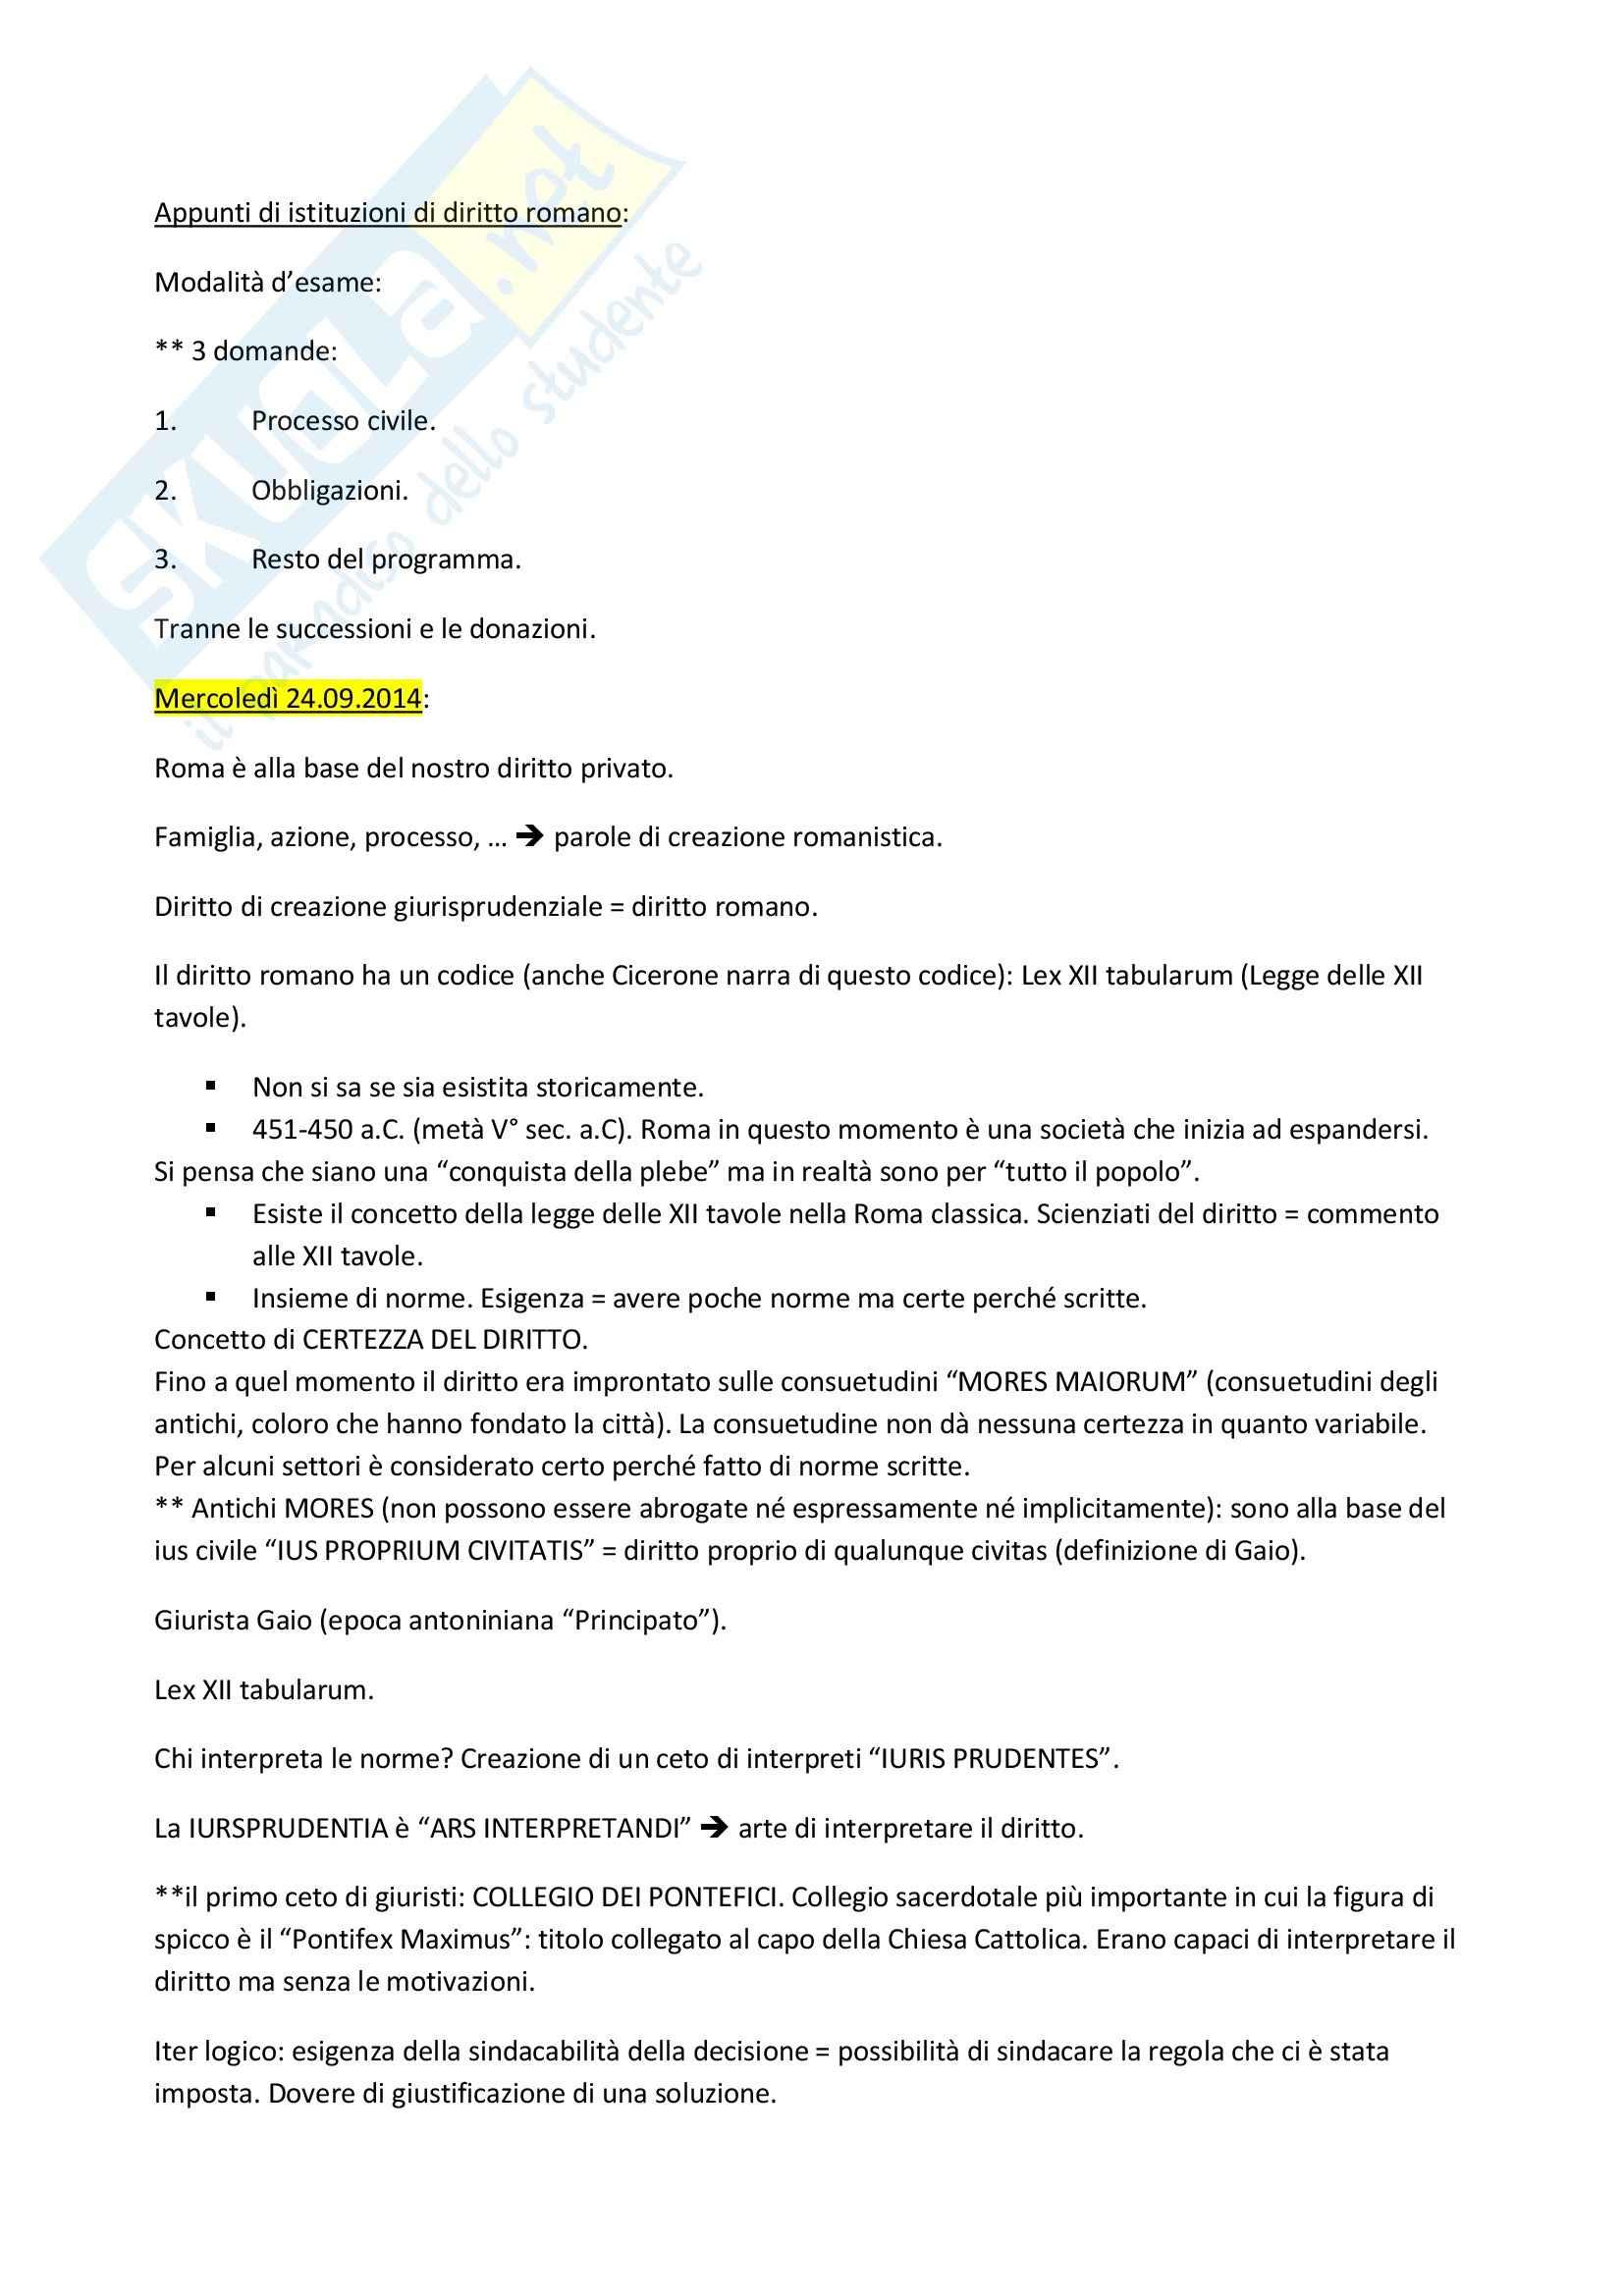 Appunti di istituzioni di diritto romano completi, prof. Miglietta (Unitn)